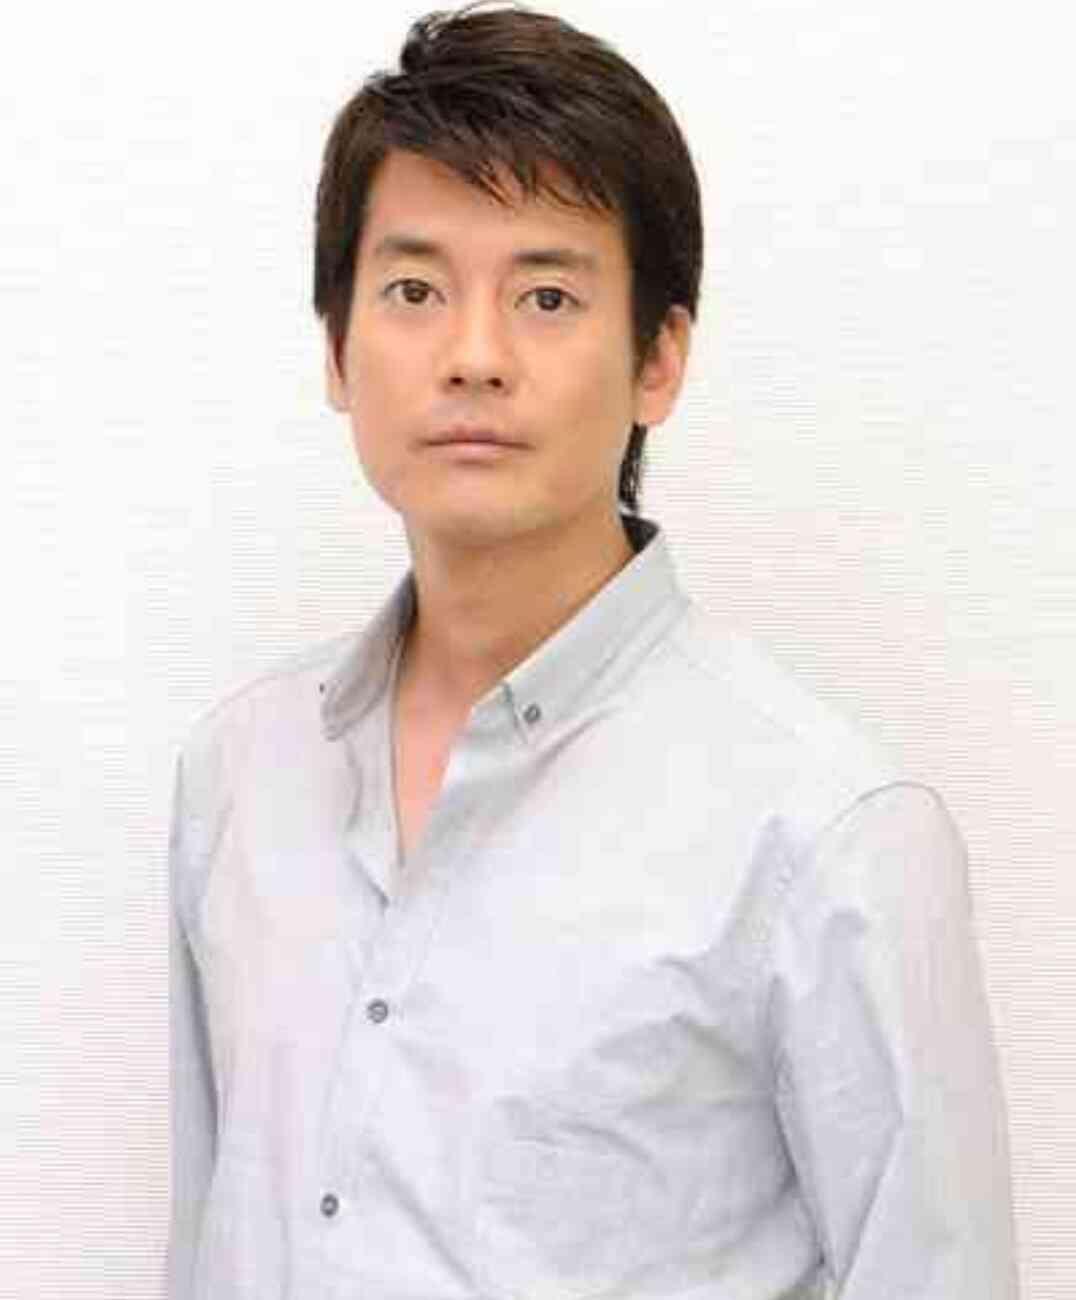 シャツが似合う男性【画像】